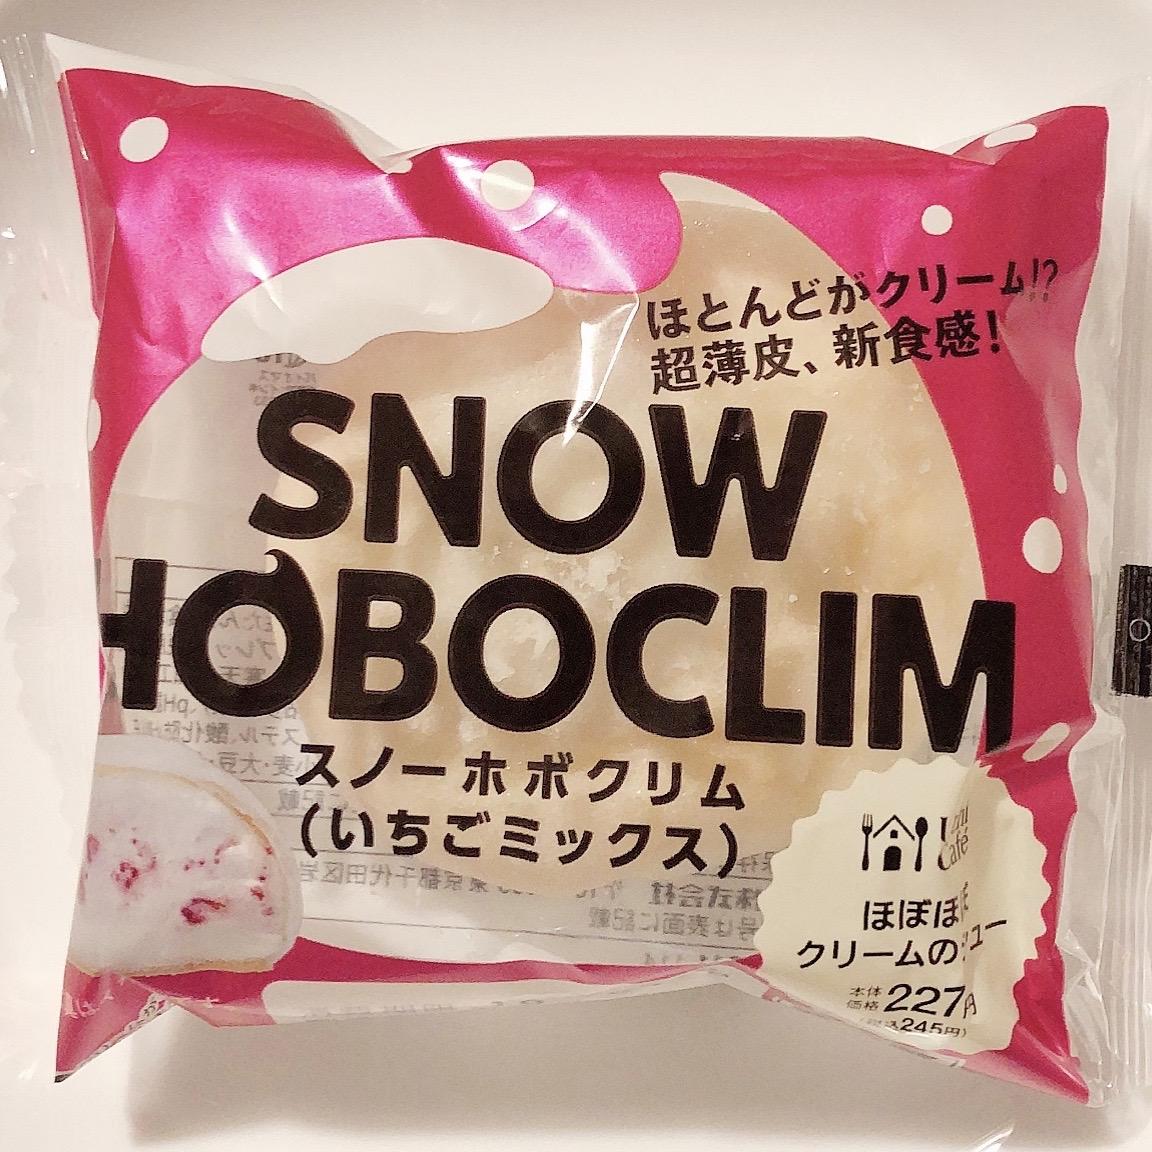 ストロベリー風味の新作 ホボクリム やっぱりおいしすぎる!!